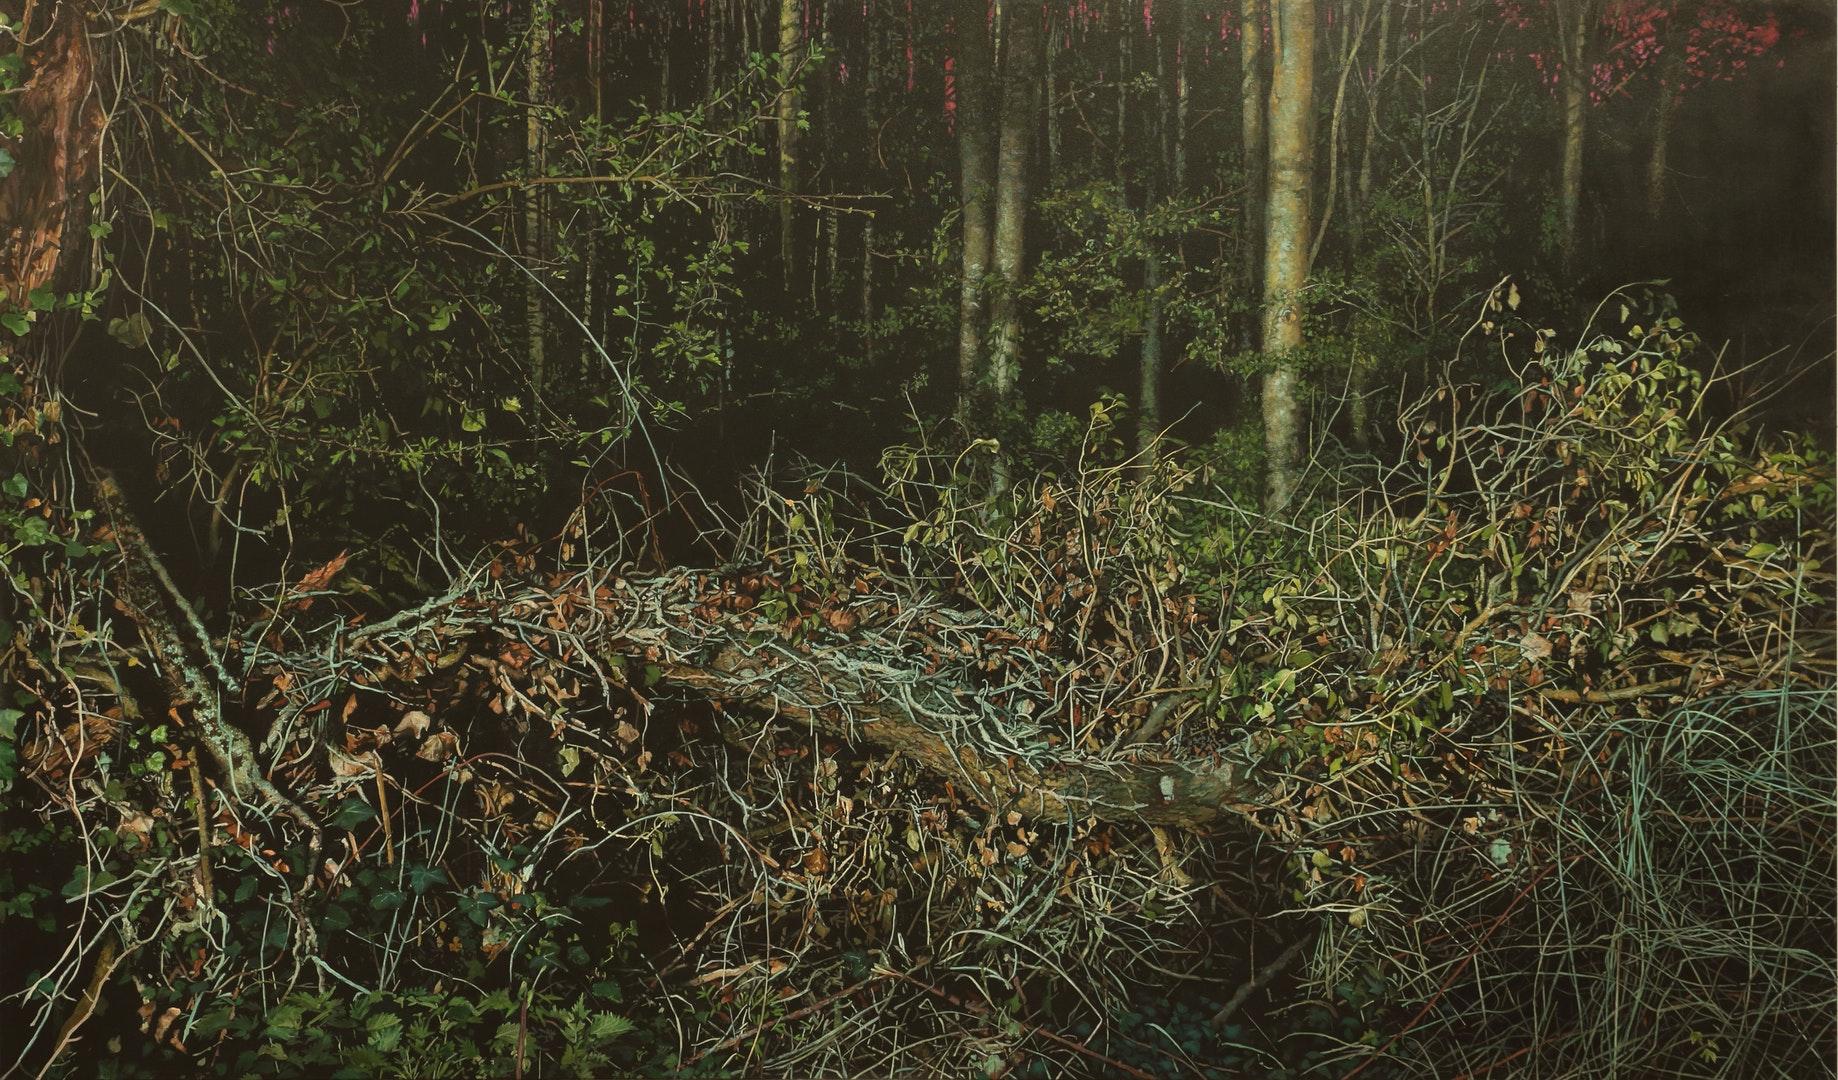 'Fallen (II)', Michael Corkrey, Oil on canvas, 130 x 220 x 3.2 cm